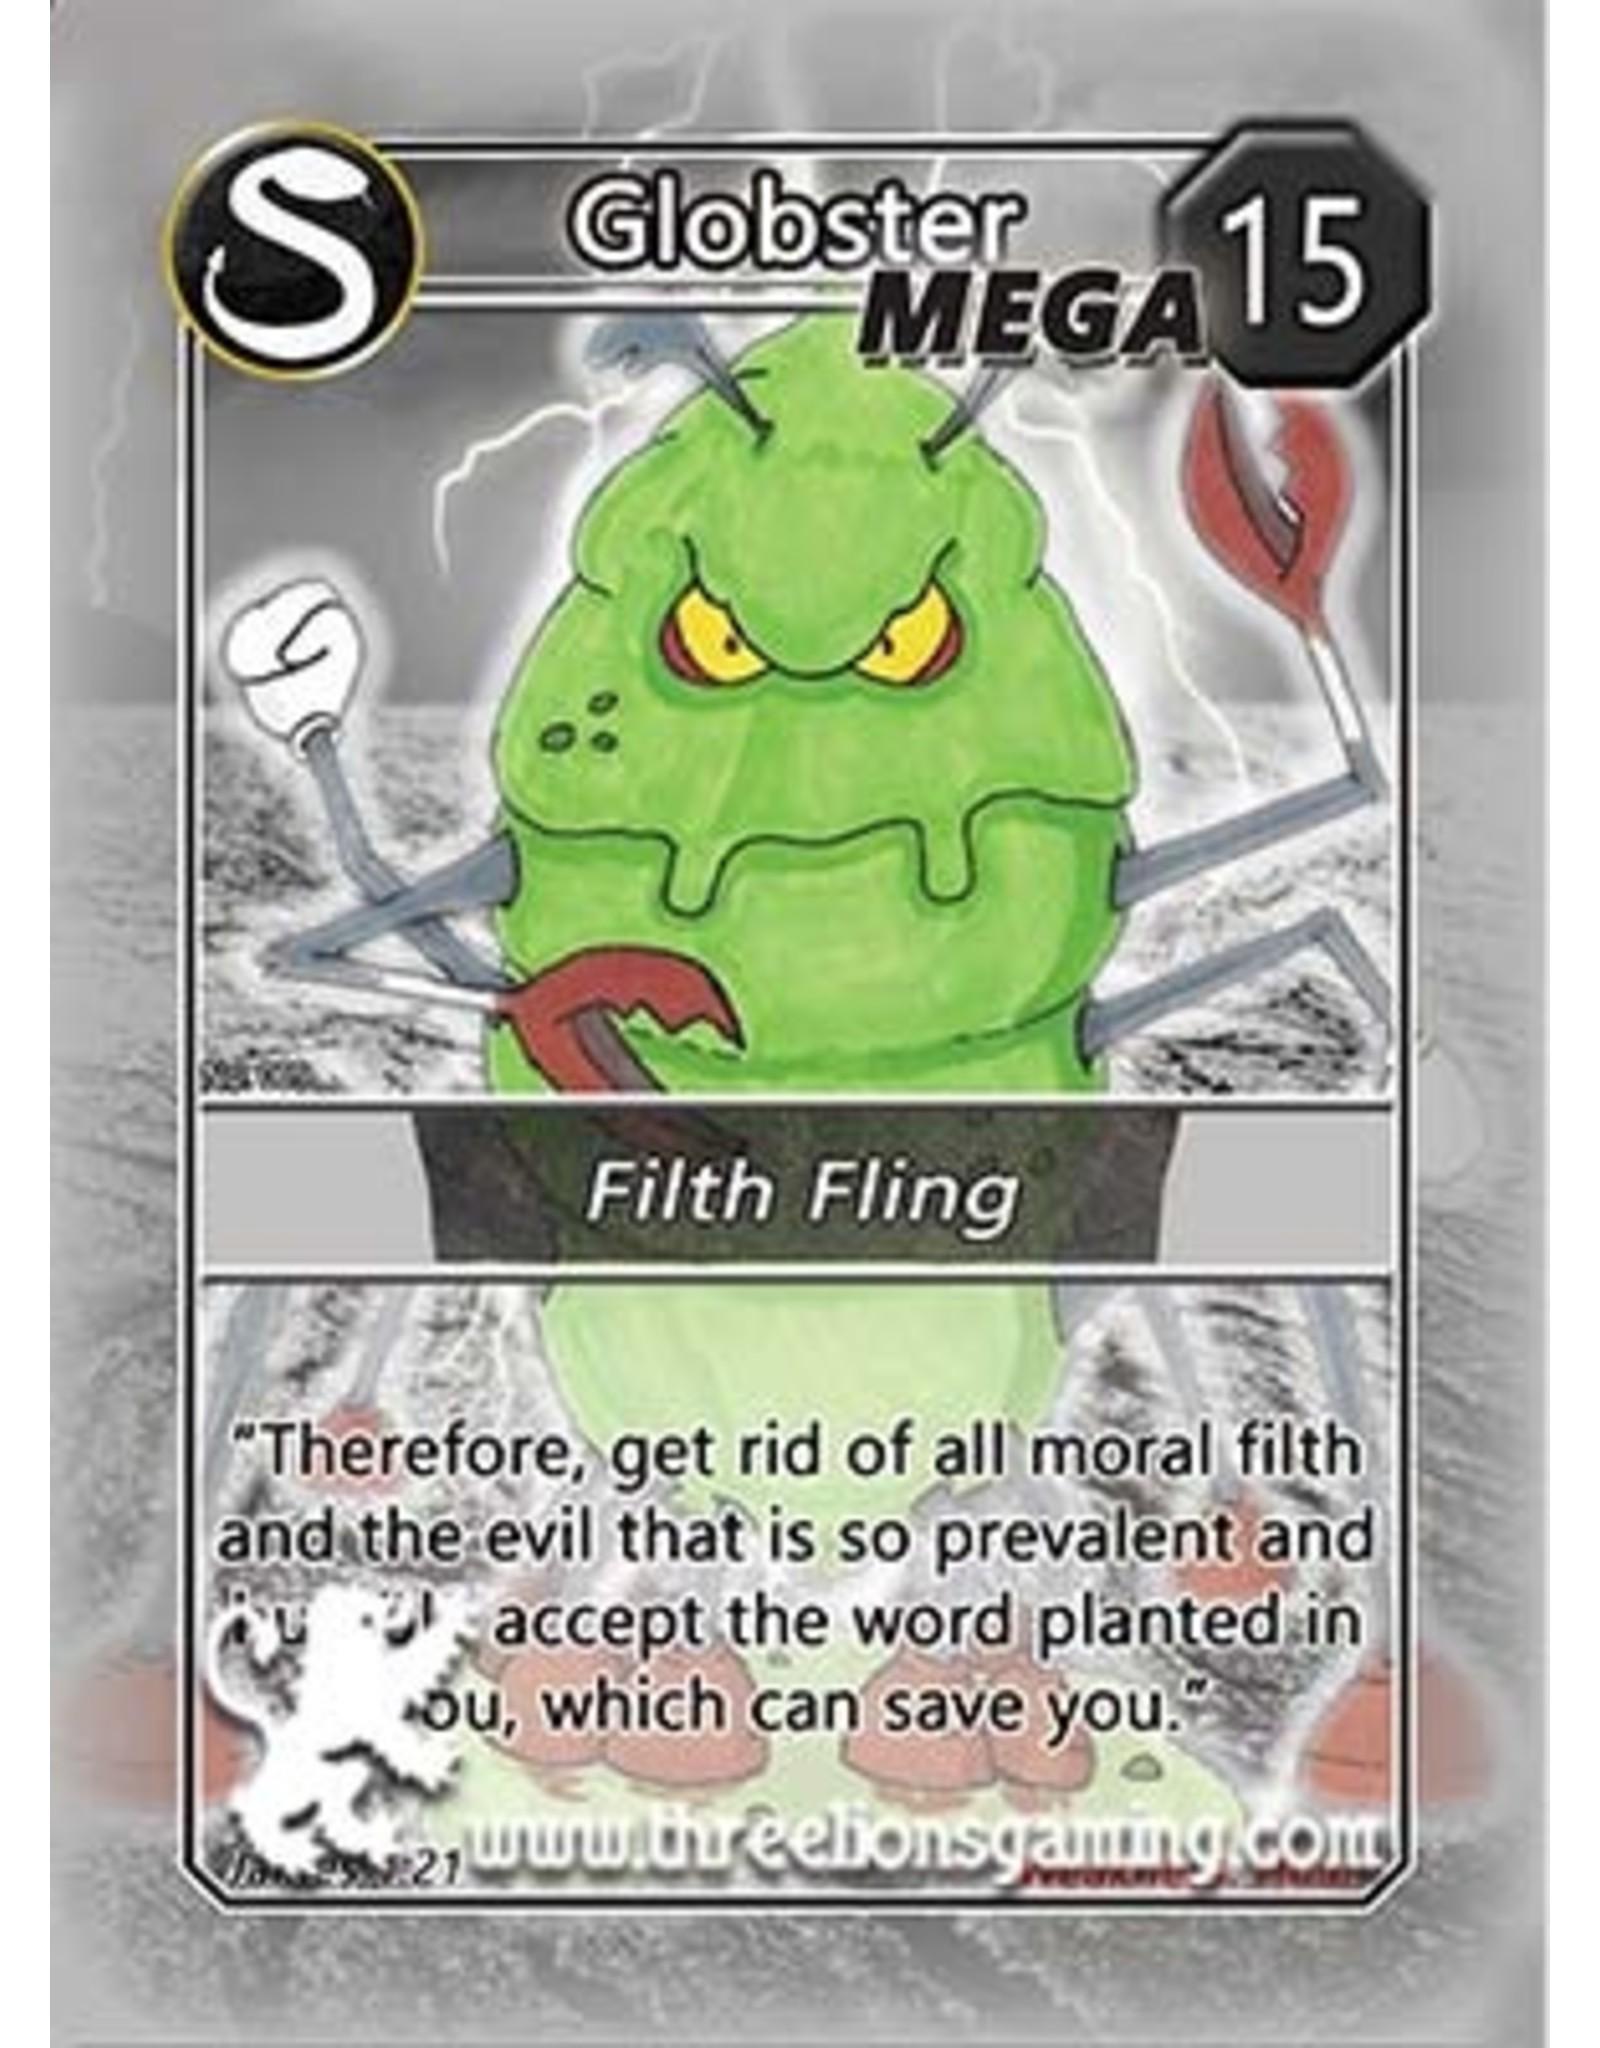 S1: Globster Mega